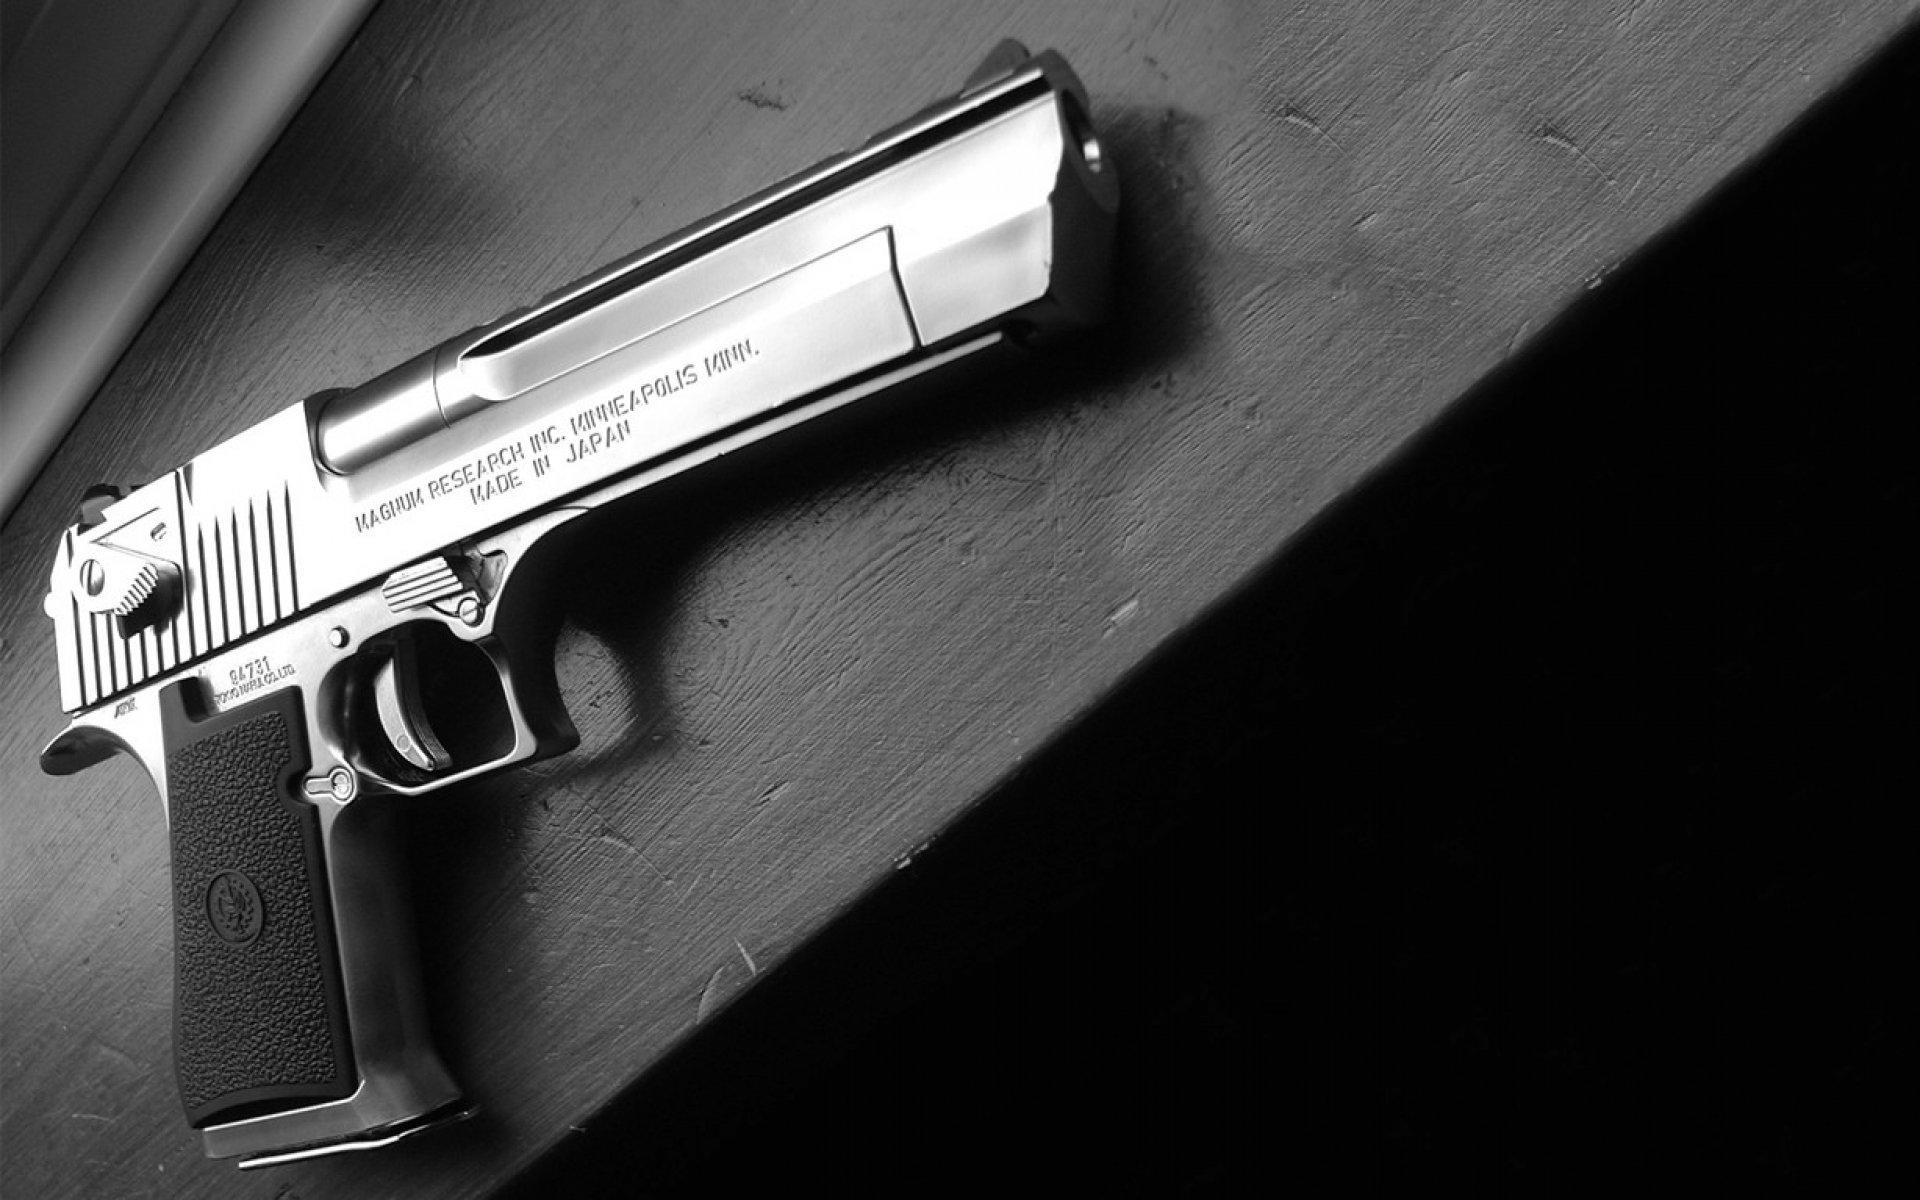 Desert Eagle Weapon Gun Pistol Wallpaper 1920x1200 533783 Wallpaperup